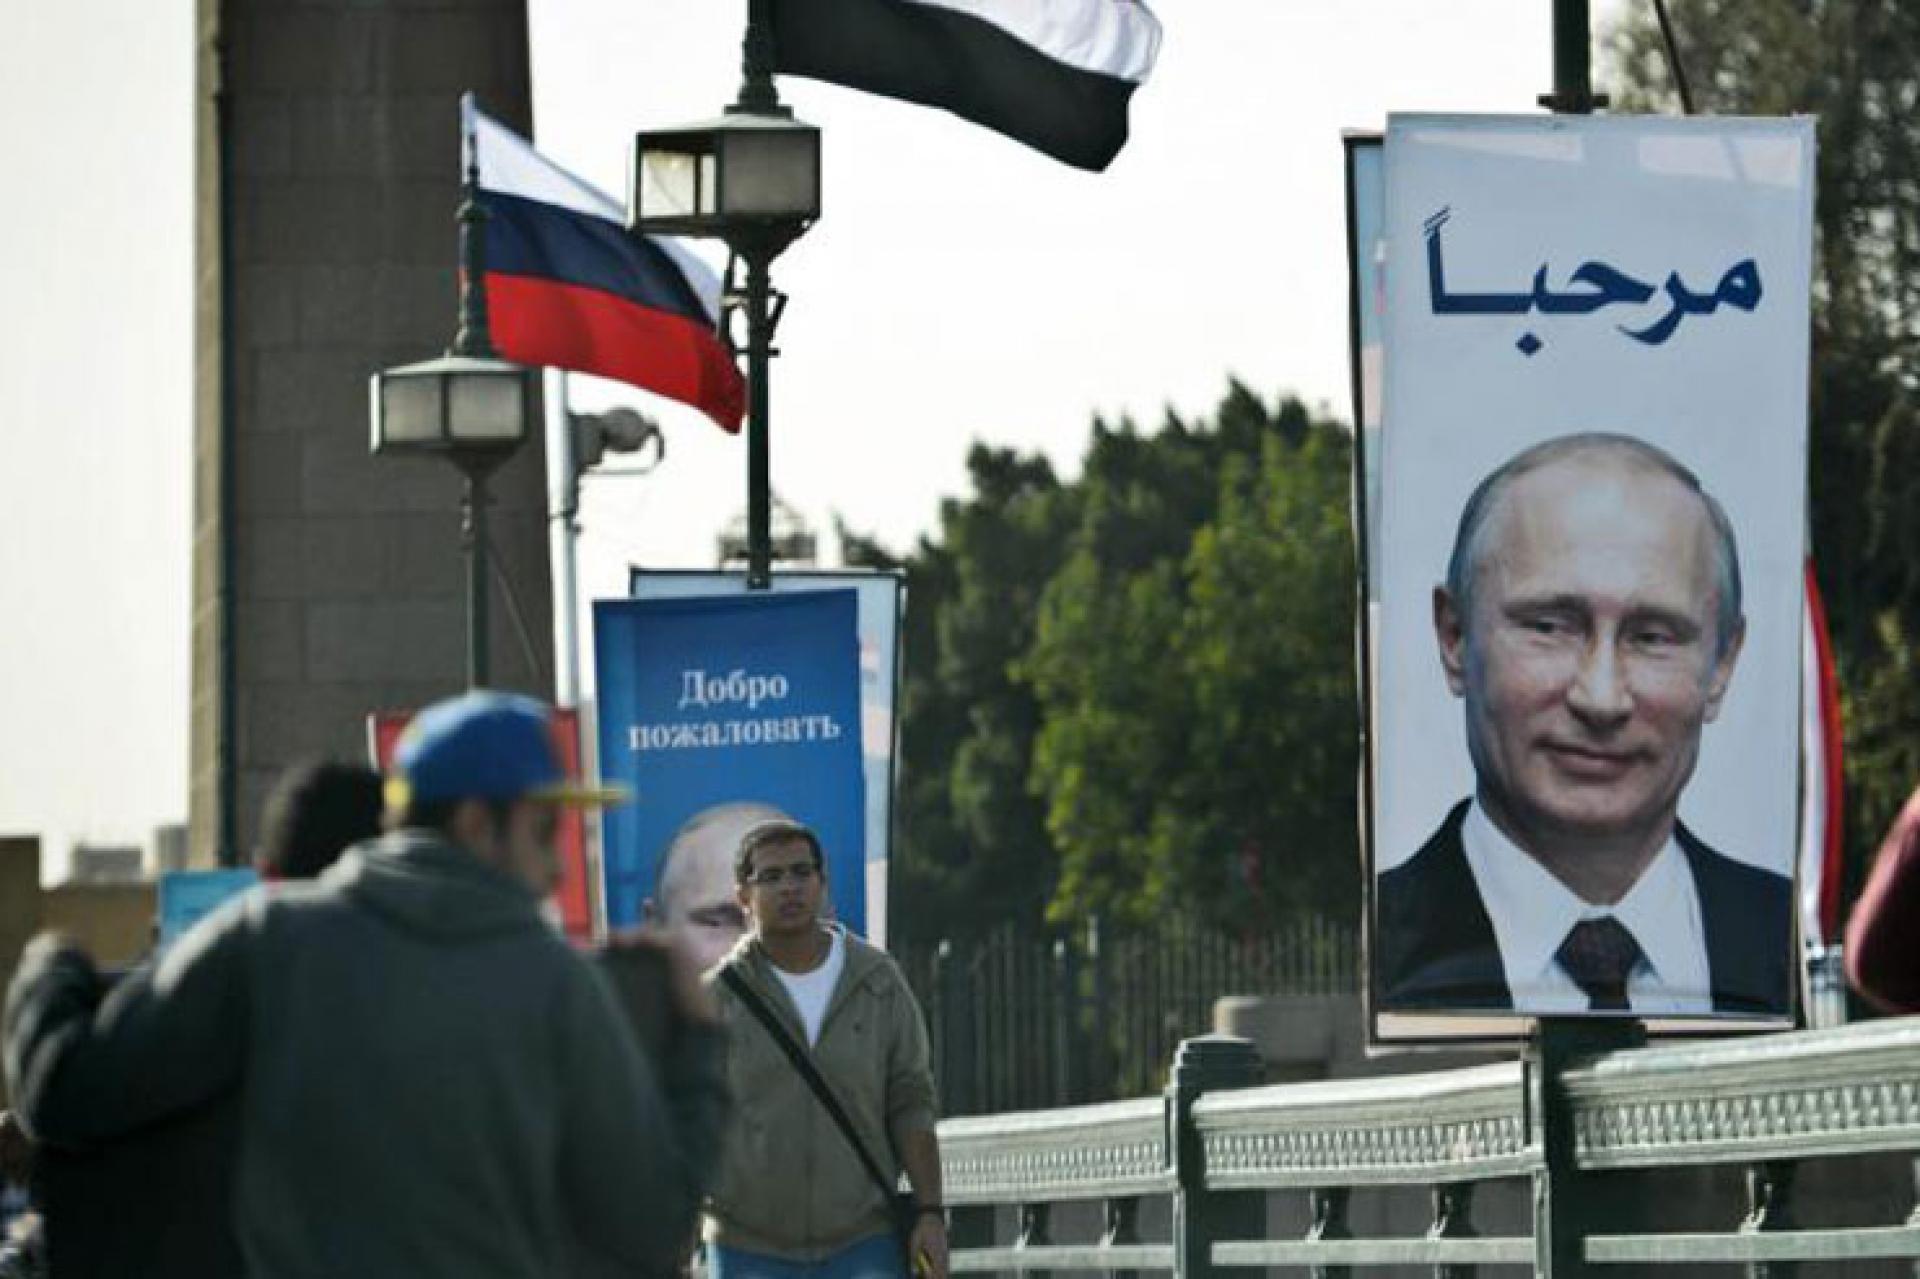 احتفالات روسية بملابس فاضحة في دمشق وطرطوس تعود إلى عصور الوثنية (صور)